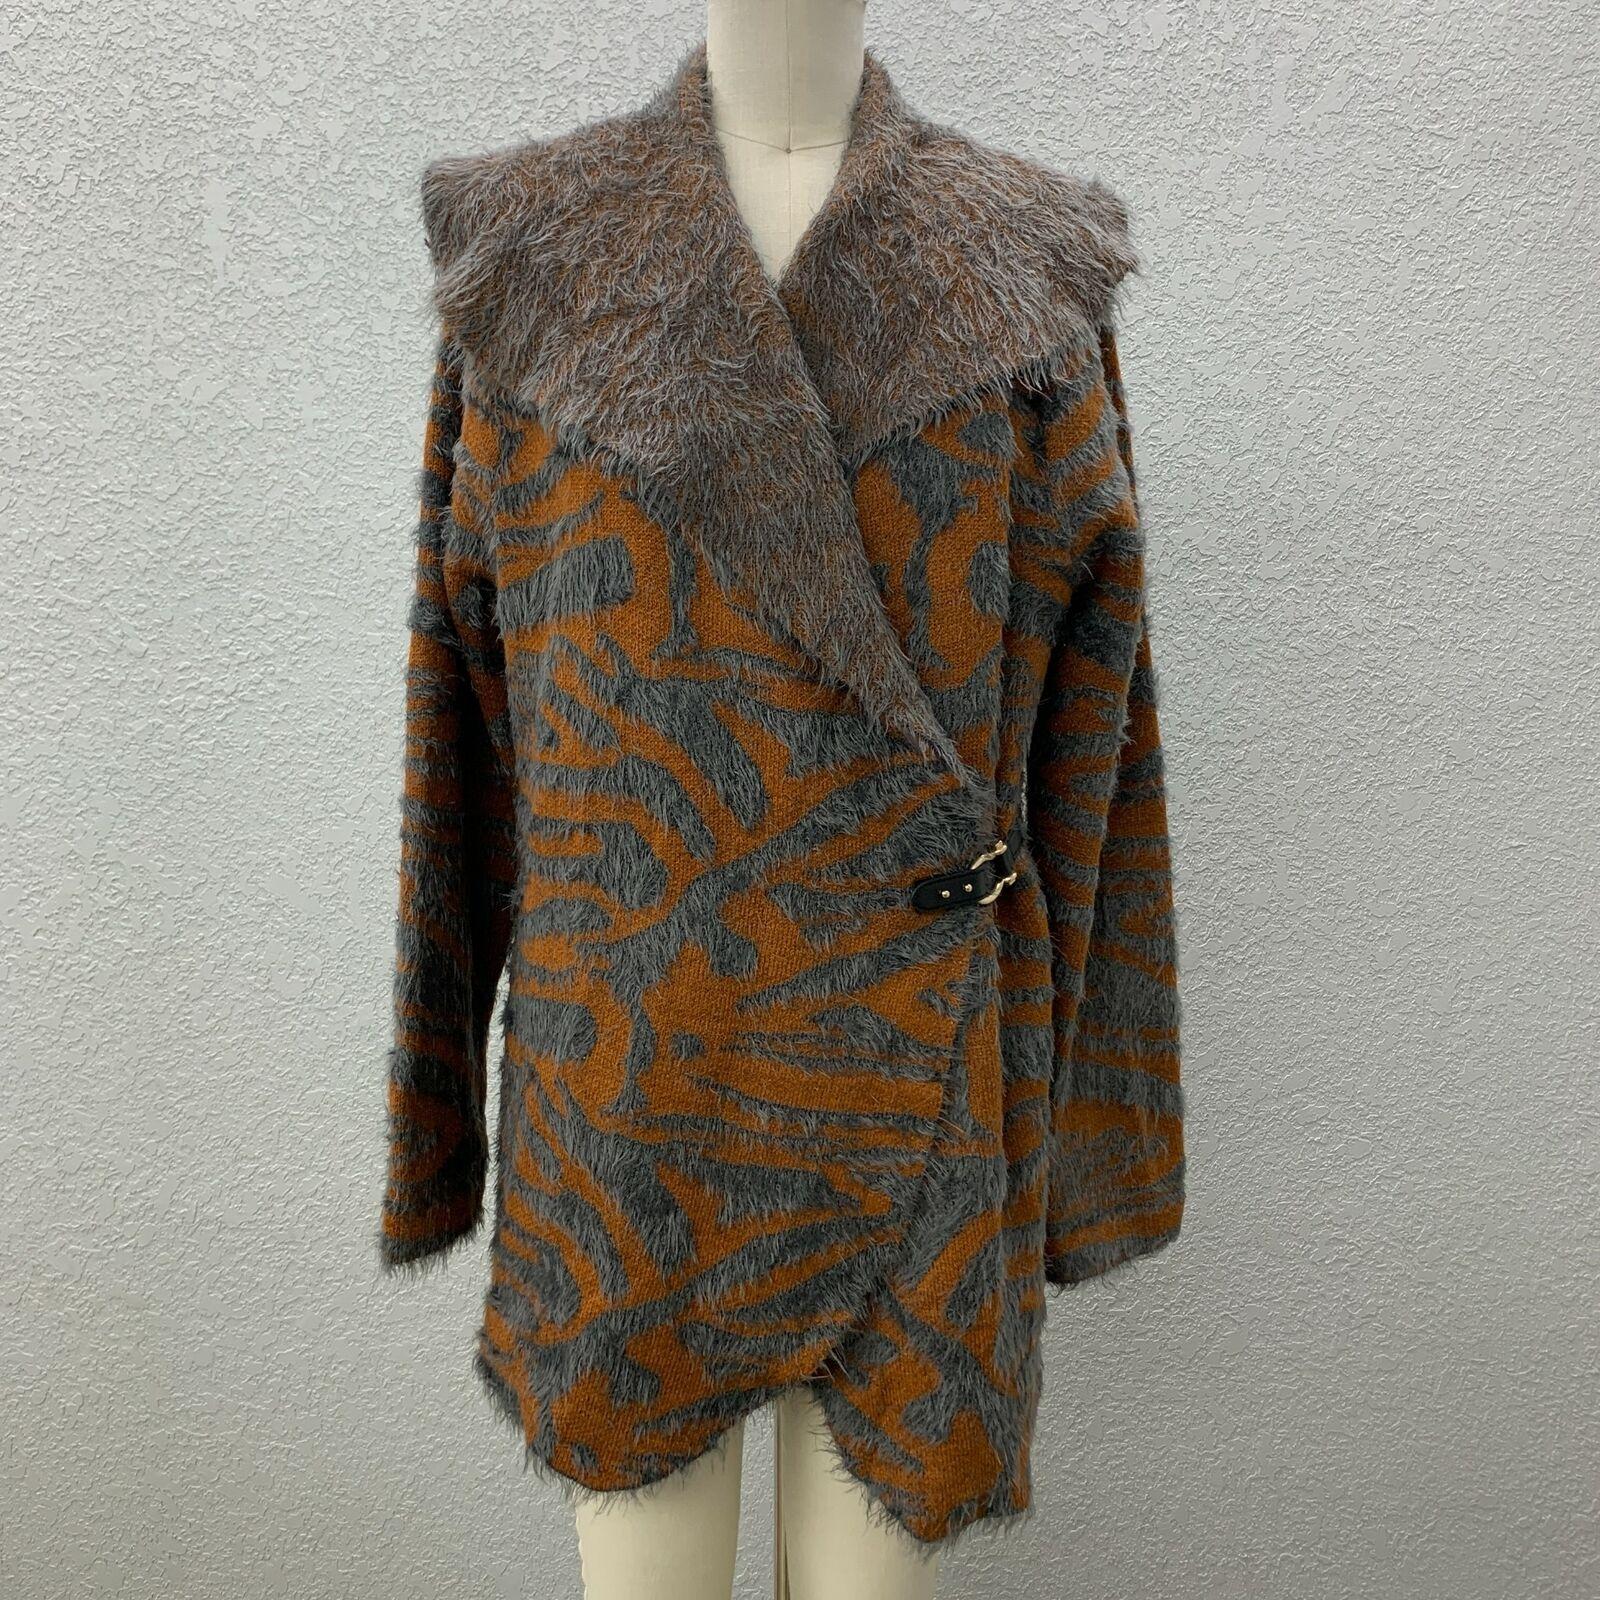 Black Rivet Faux Fur Jacket Women's L Orange Gray Side Hook Long Sleeve Collared